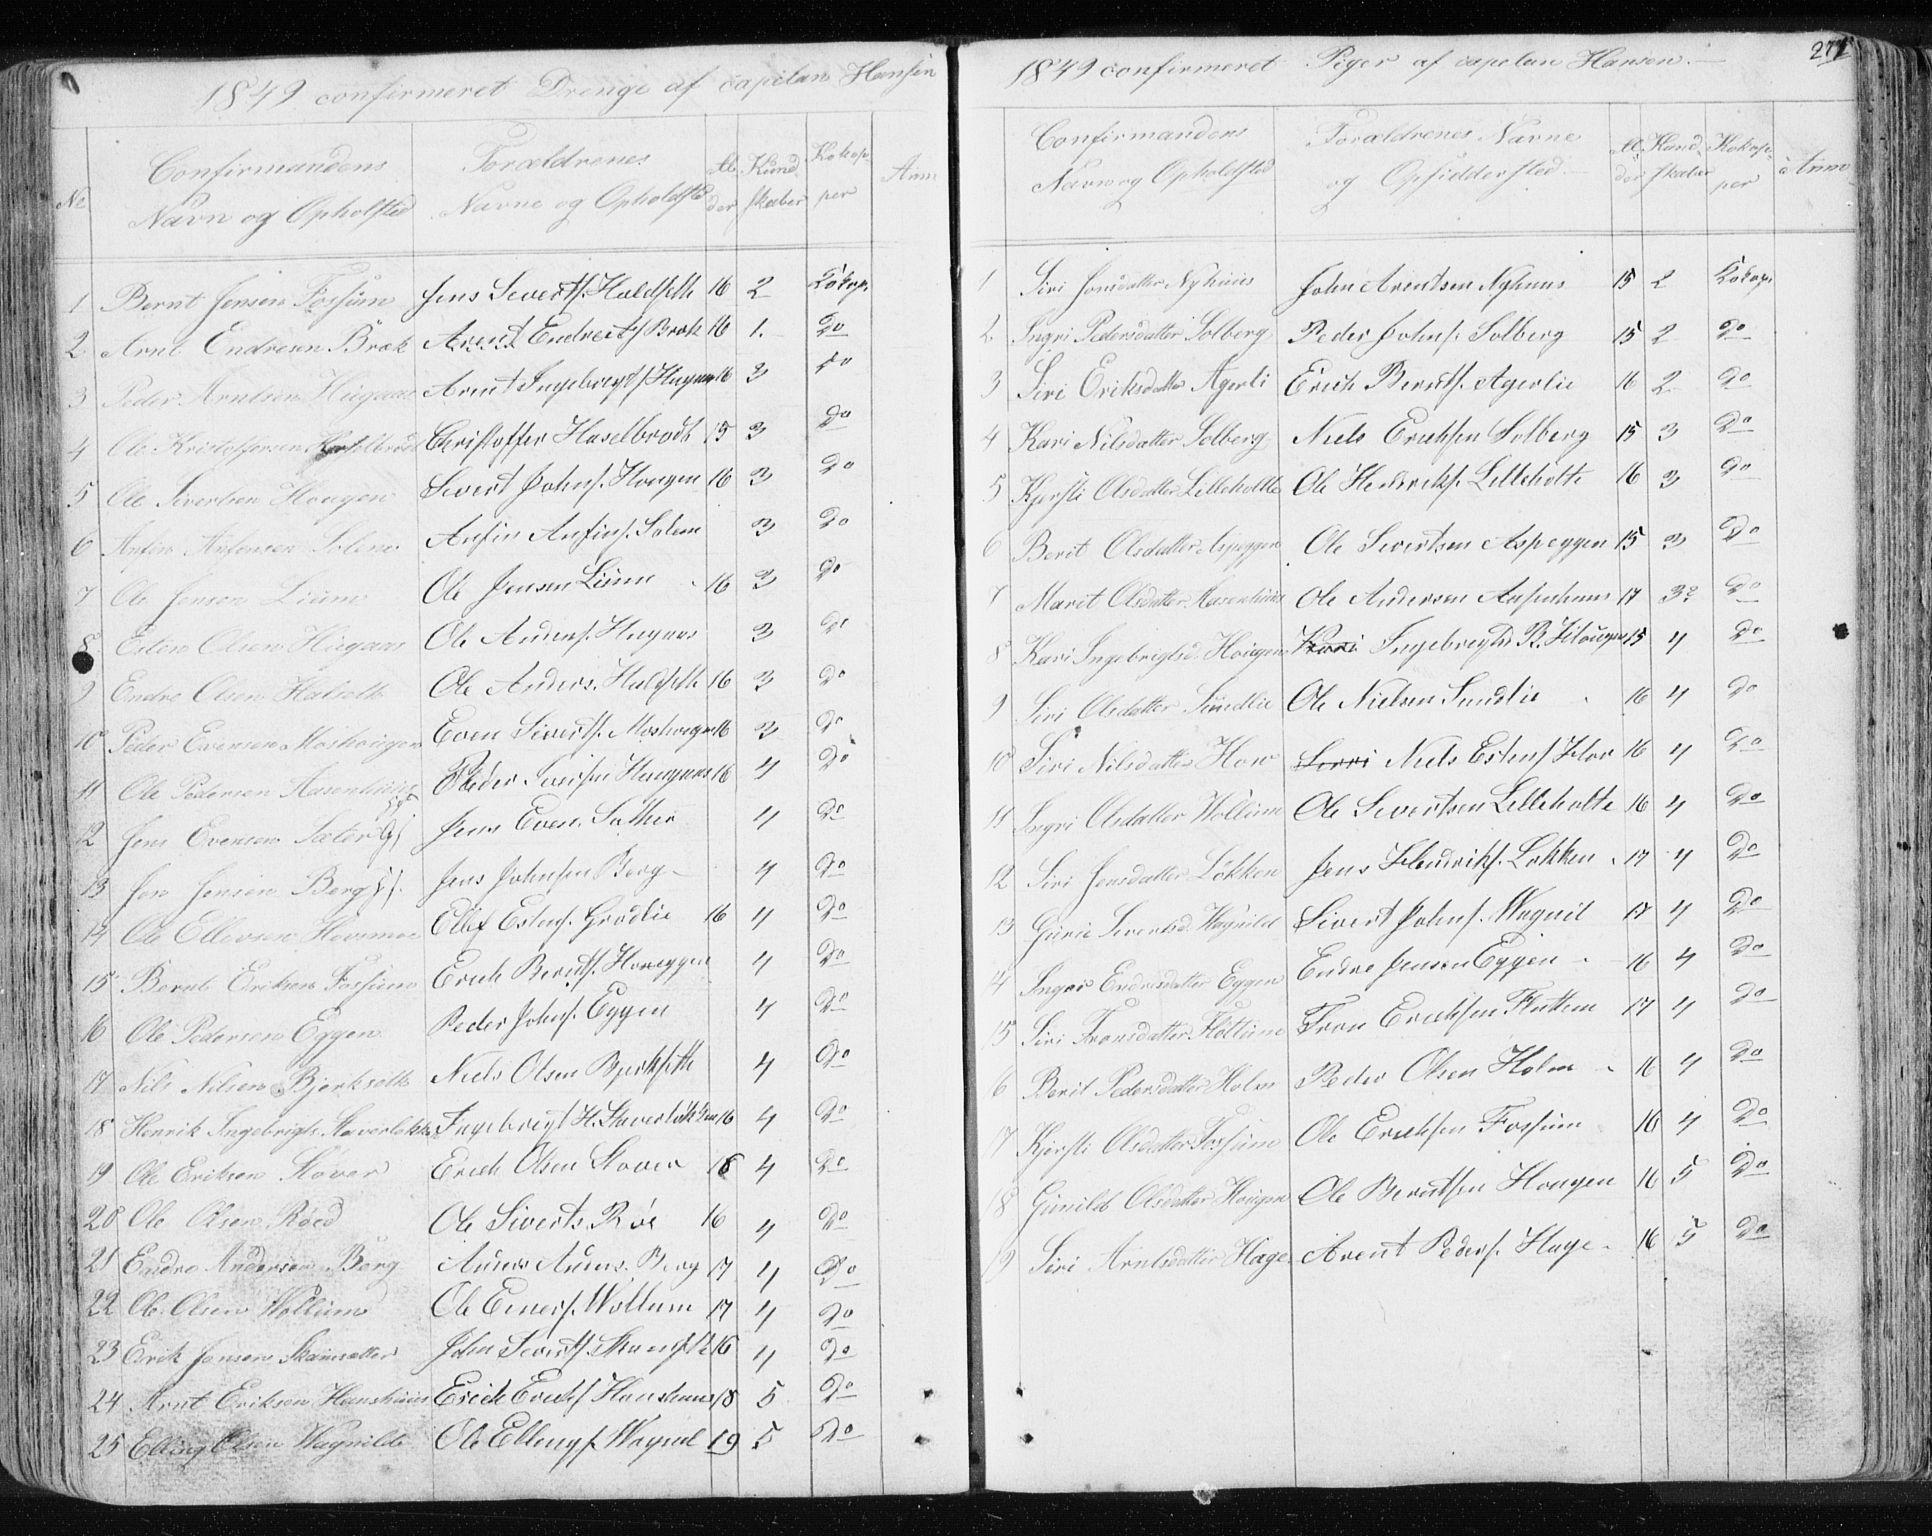 SAT, Ministerialprotokoller, klokkerbøker og fødselsregistre - Sør-Trøndelag, 689/L1043: Klokkerbok nr. 689C02, 1816-1892, s. 271